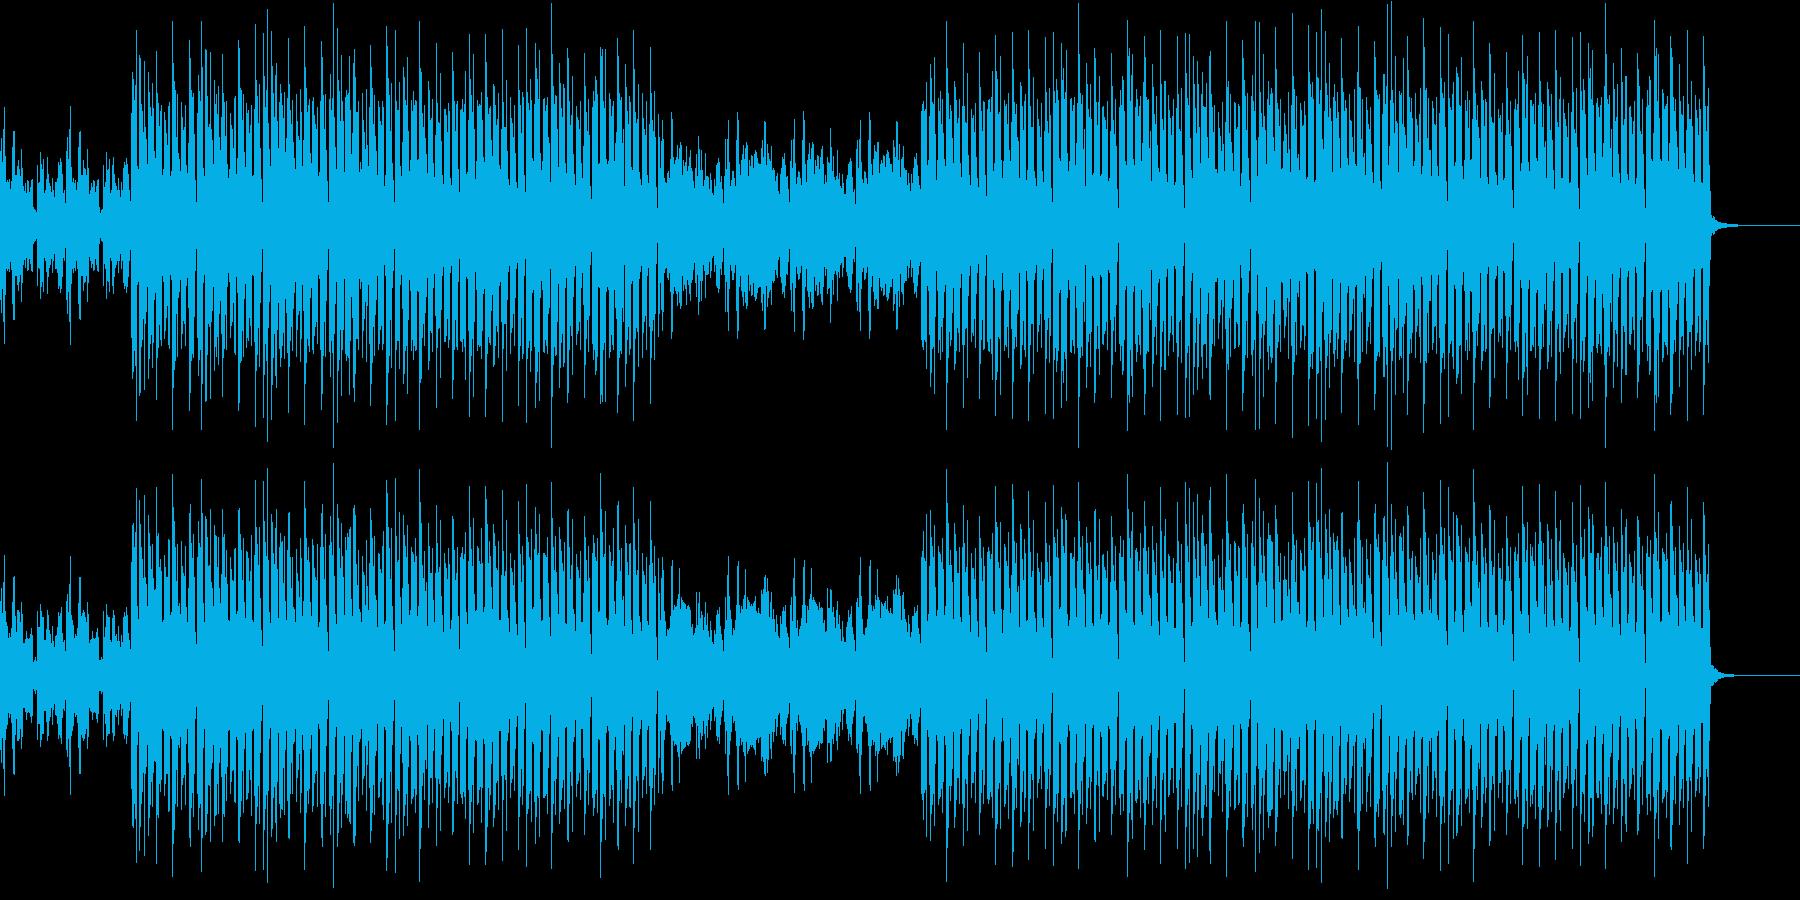 おしゃれ・エスニック・EDM・透明感5の再生済みの波形